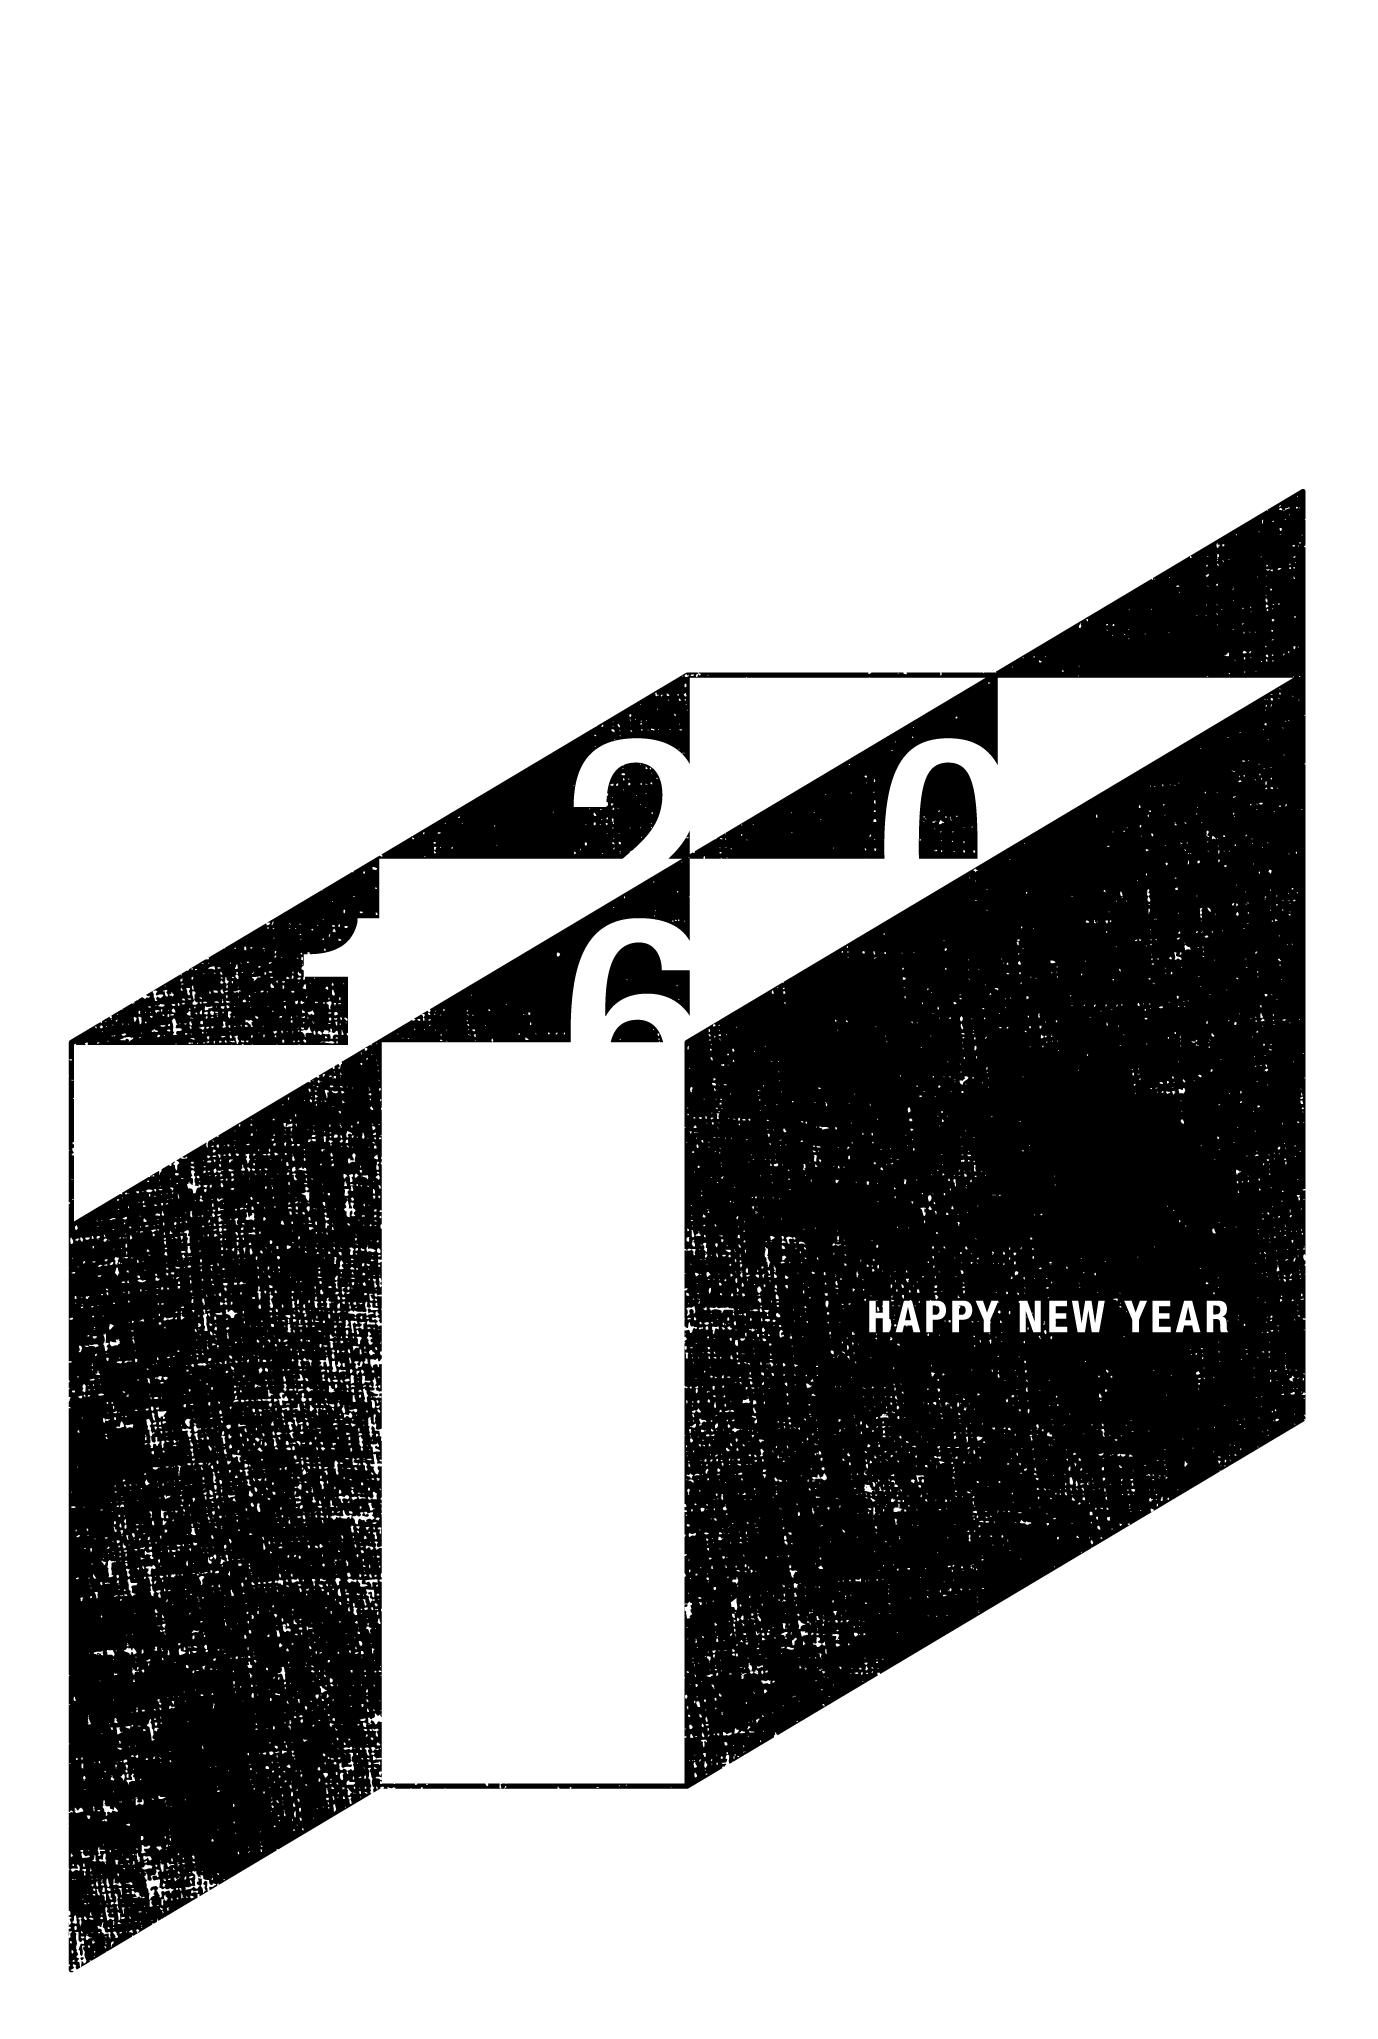 2016年賀状21-4:申の図案(黒)のダウンロード画像